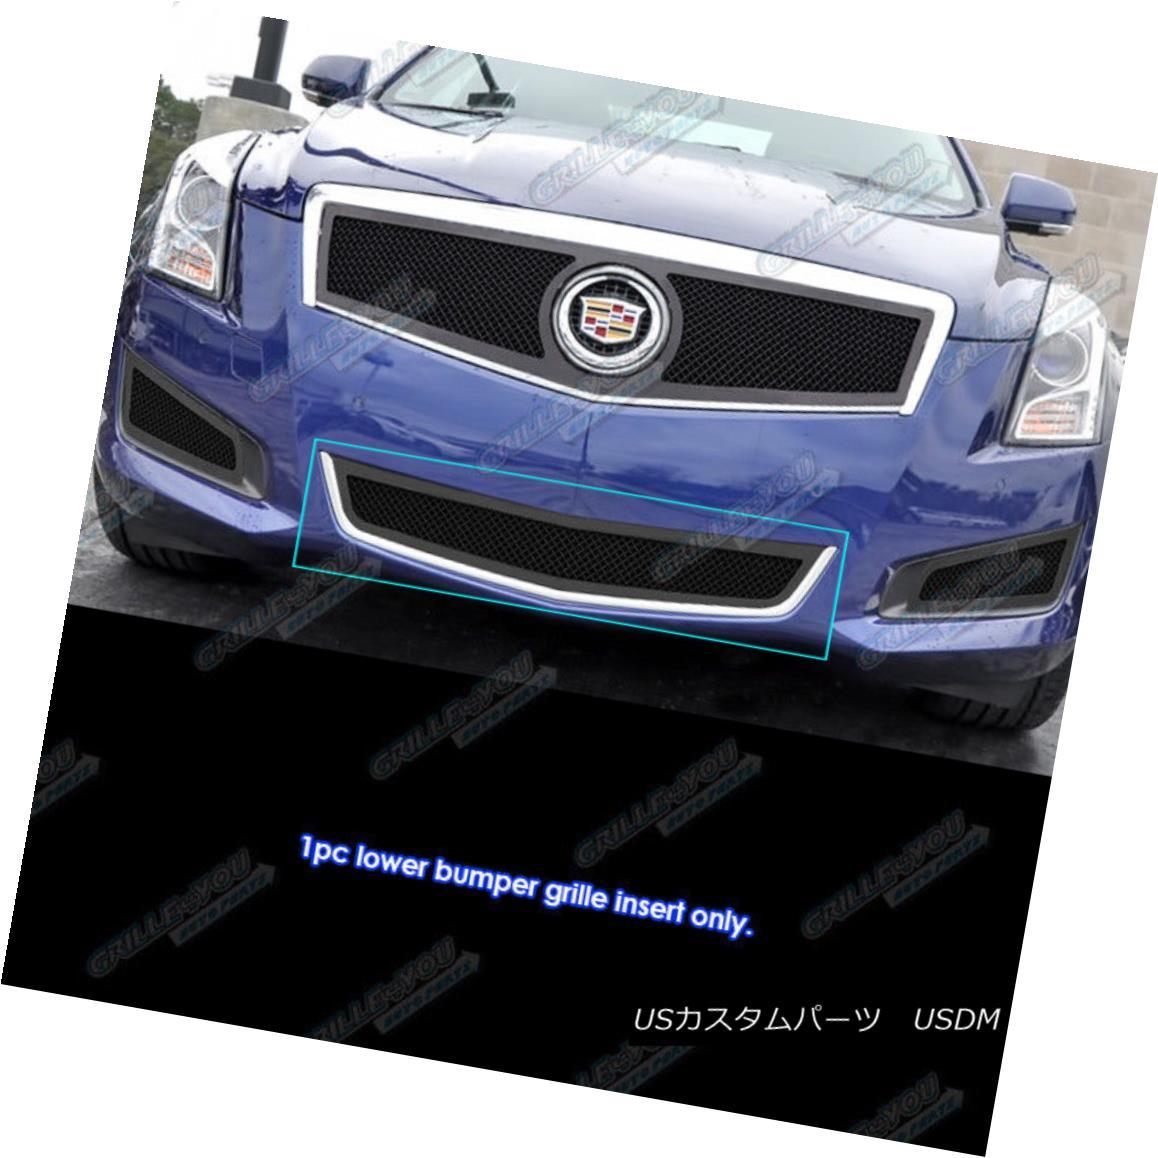 グリル Fits 2013-2014 Cadillac ATS Stainless Black Lower Bumper Mesh Grille 2013-2014キャデラックATSステンレスブラックロワーバンパーメッシュグリルに適合